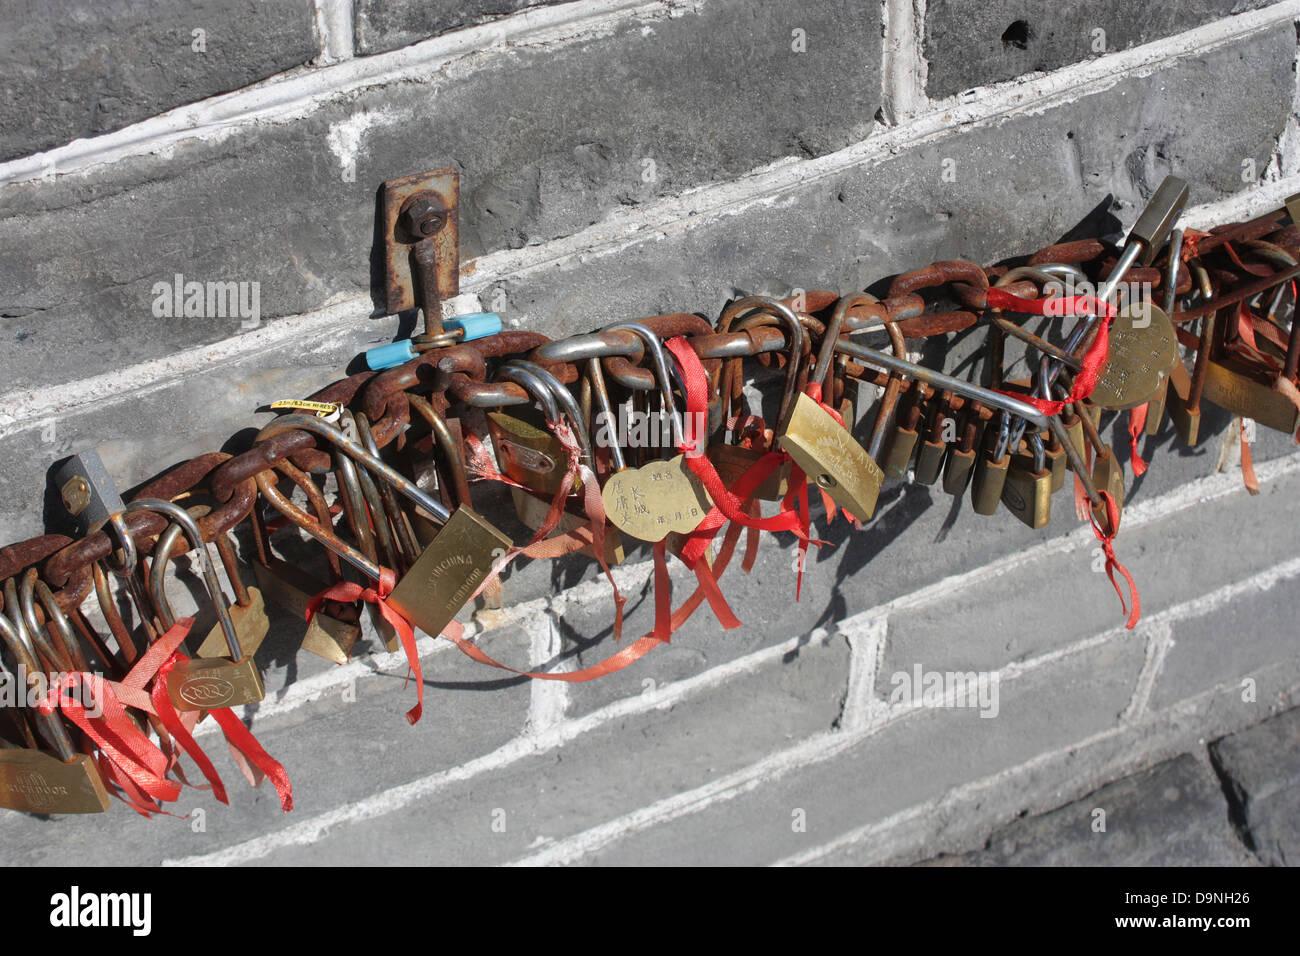 Schlüssel und Schlösser verkettet und an die Große Mauer in China zusammen mit roten Bändern Stockbild